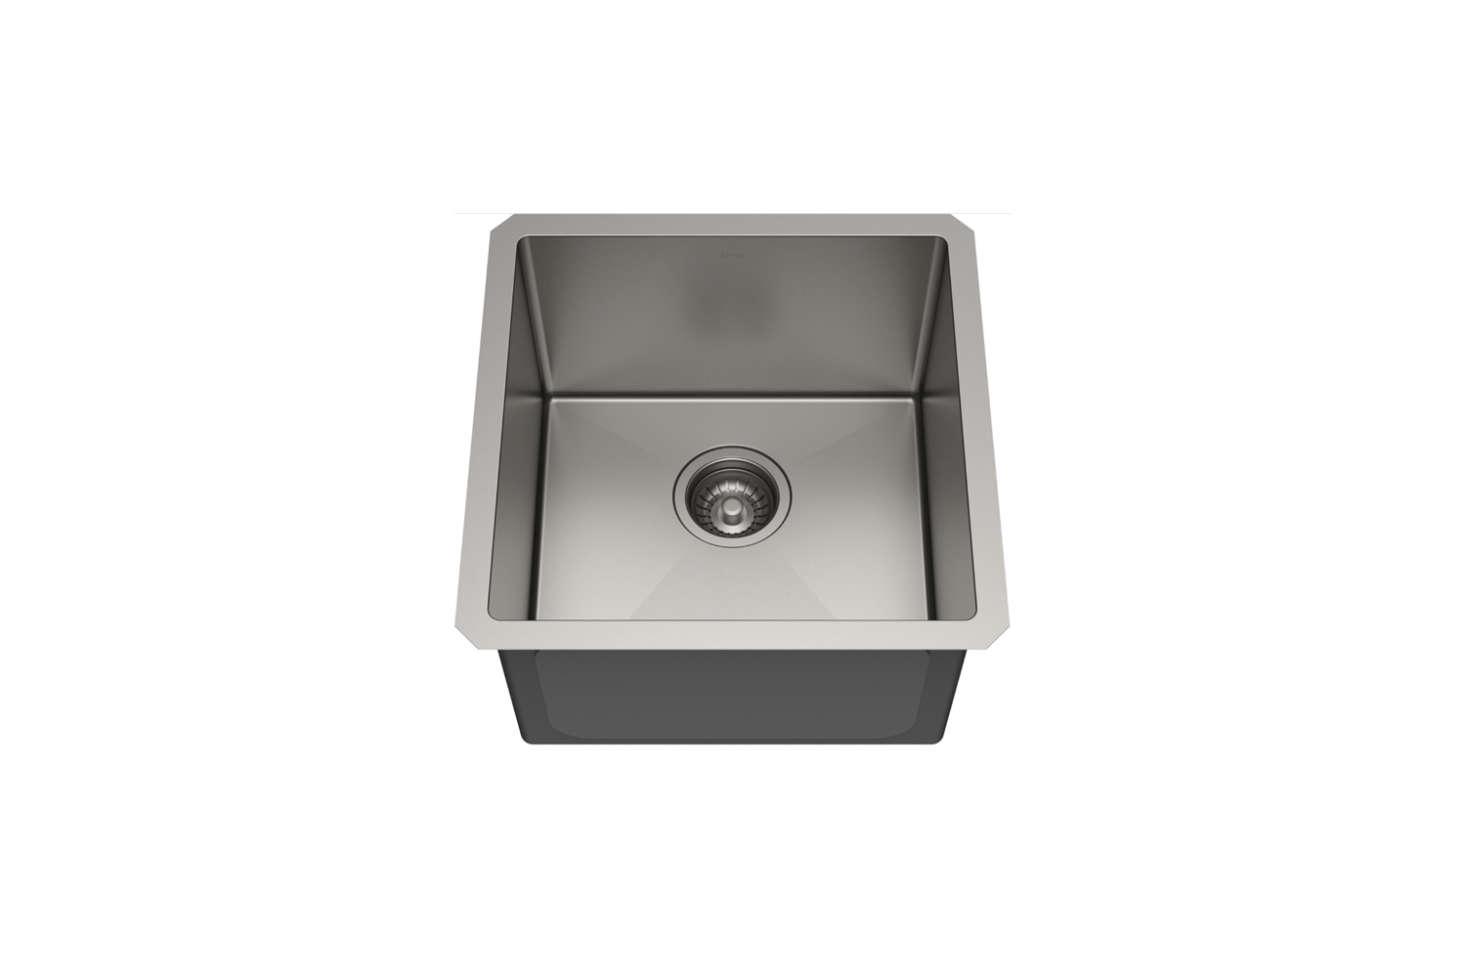 The Kraus Stanart Pro Series  Inch Undermount Stainless Steel Bar Sink (KHUsrc=